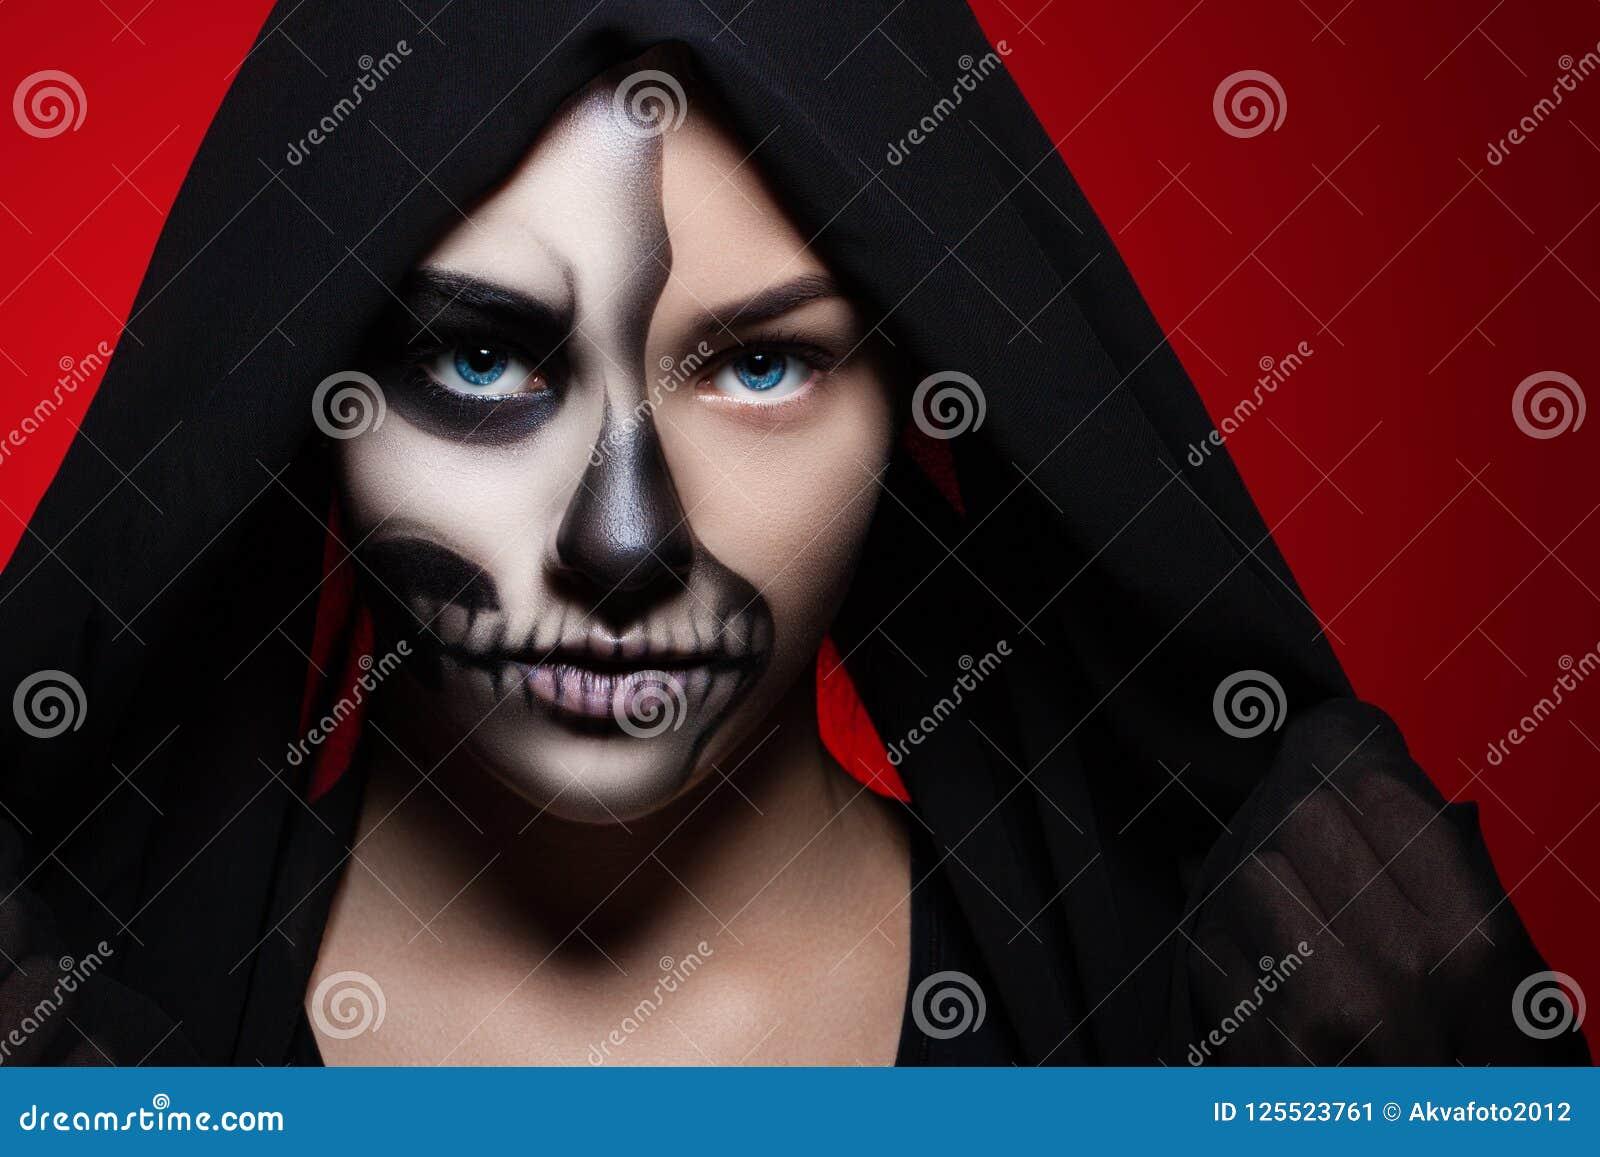 Halloween Portret van een jong mooi meisje met skeletmake-up op haar gezicht